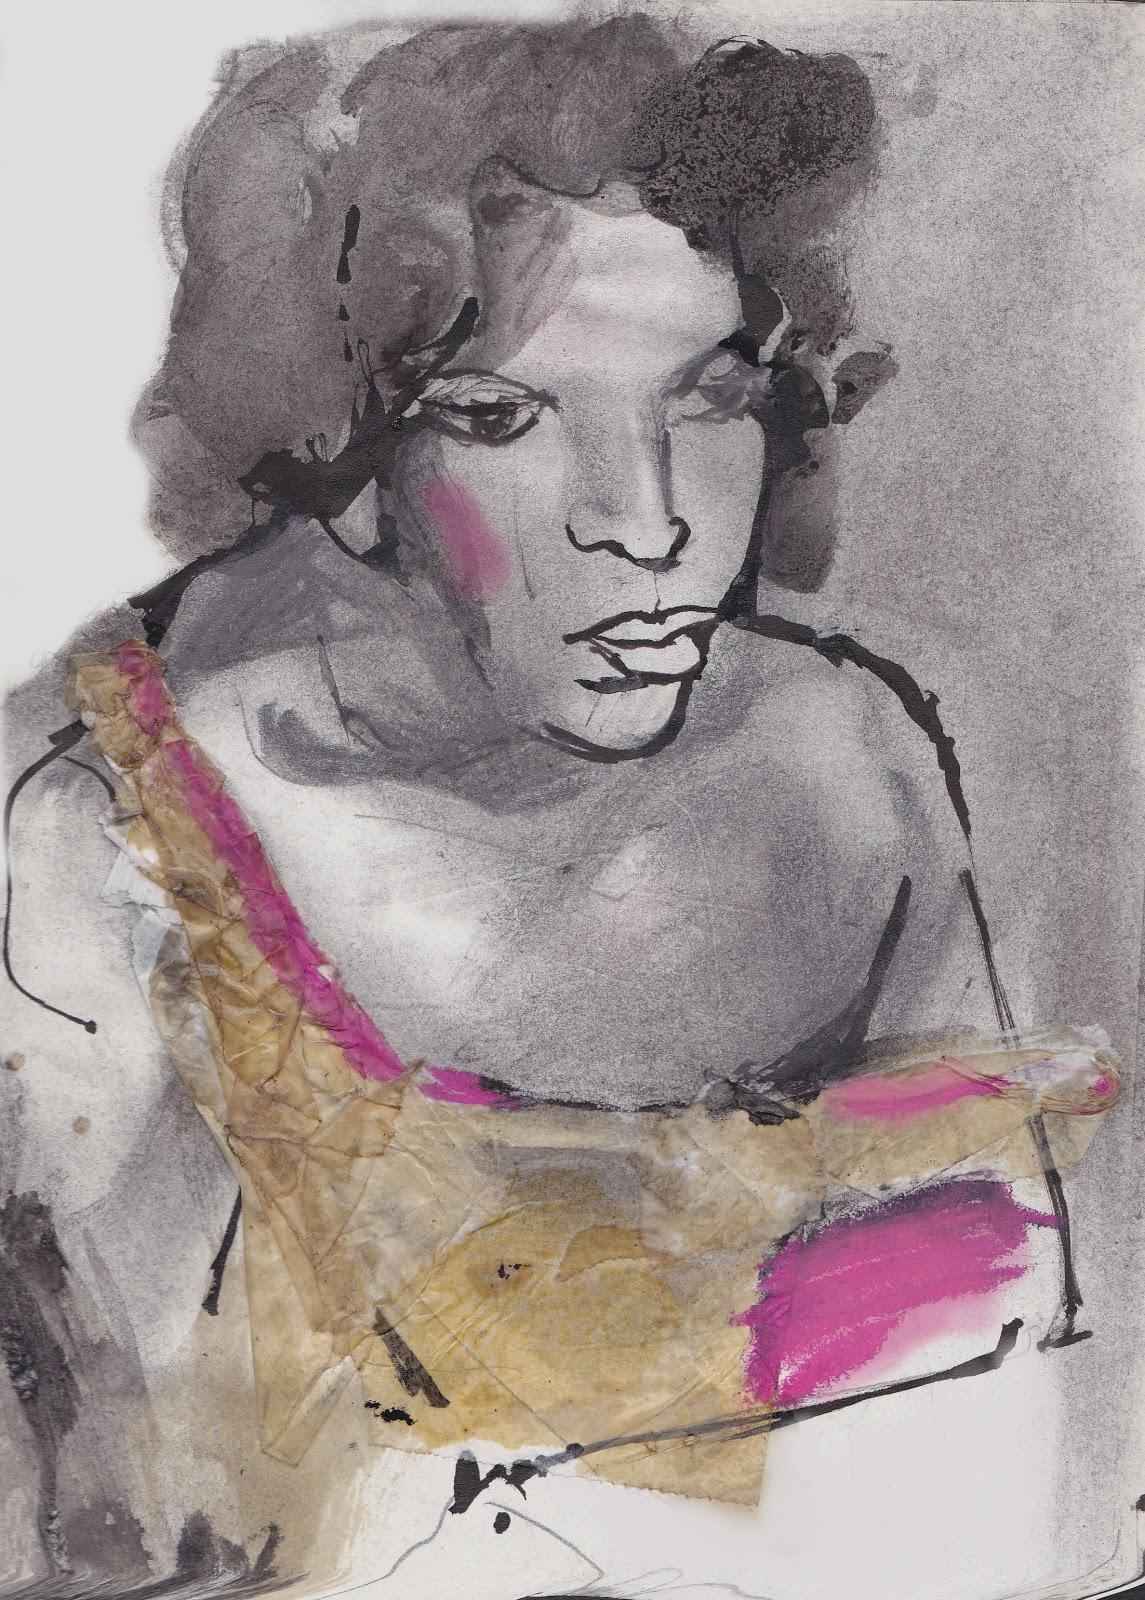 Almudena navarro ilustraciones sobre nan goldin la mujer - Nan goldin il giardino del diavolo ...